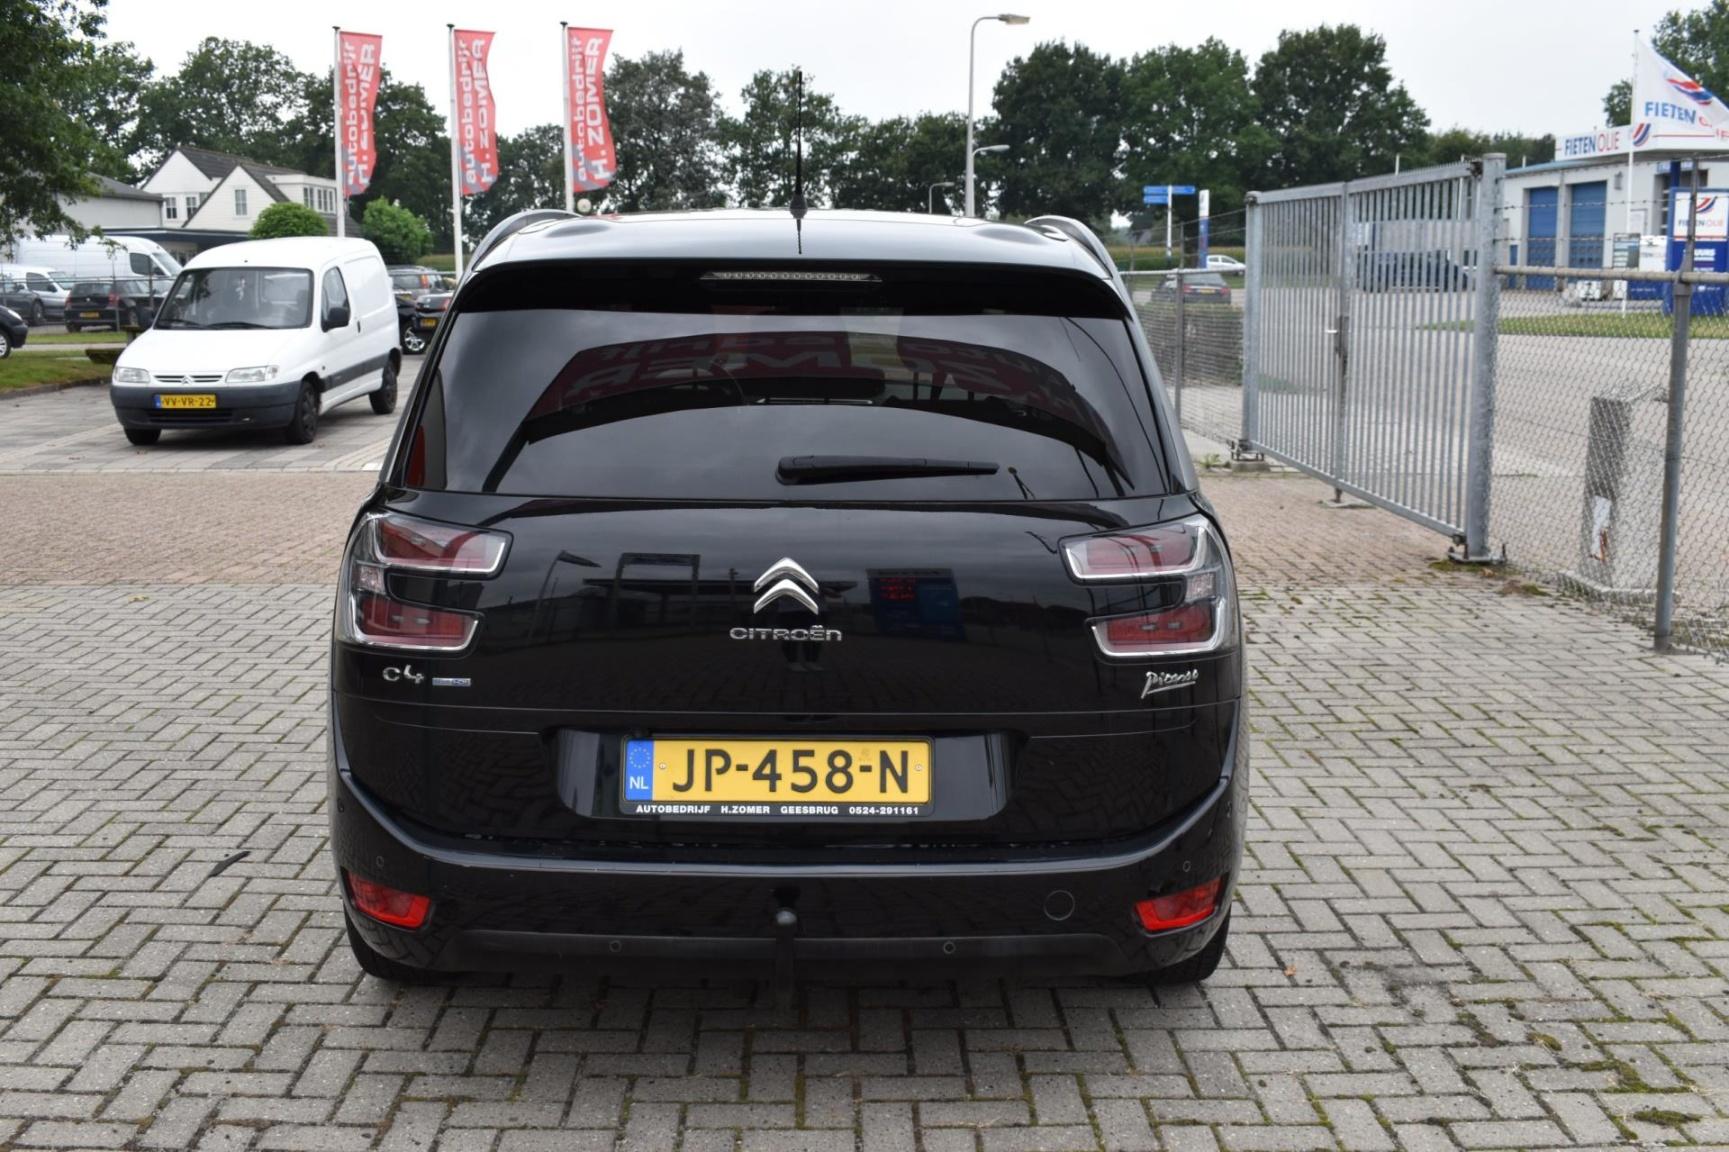 Citroën-Grand C4 Picasso-2